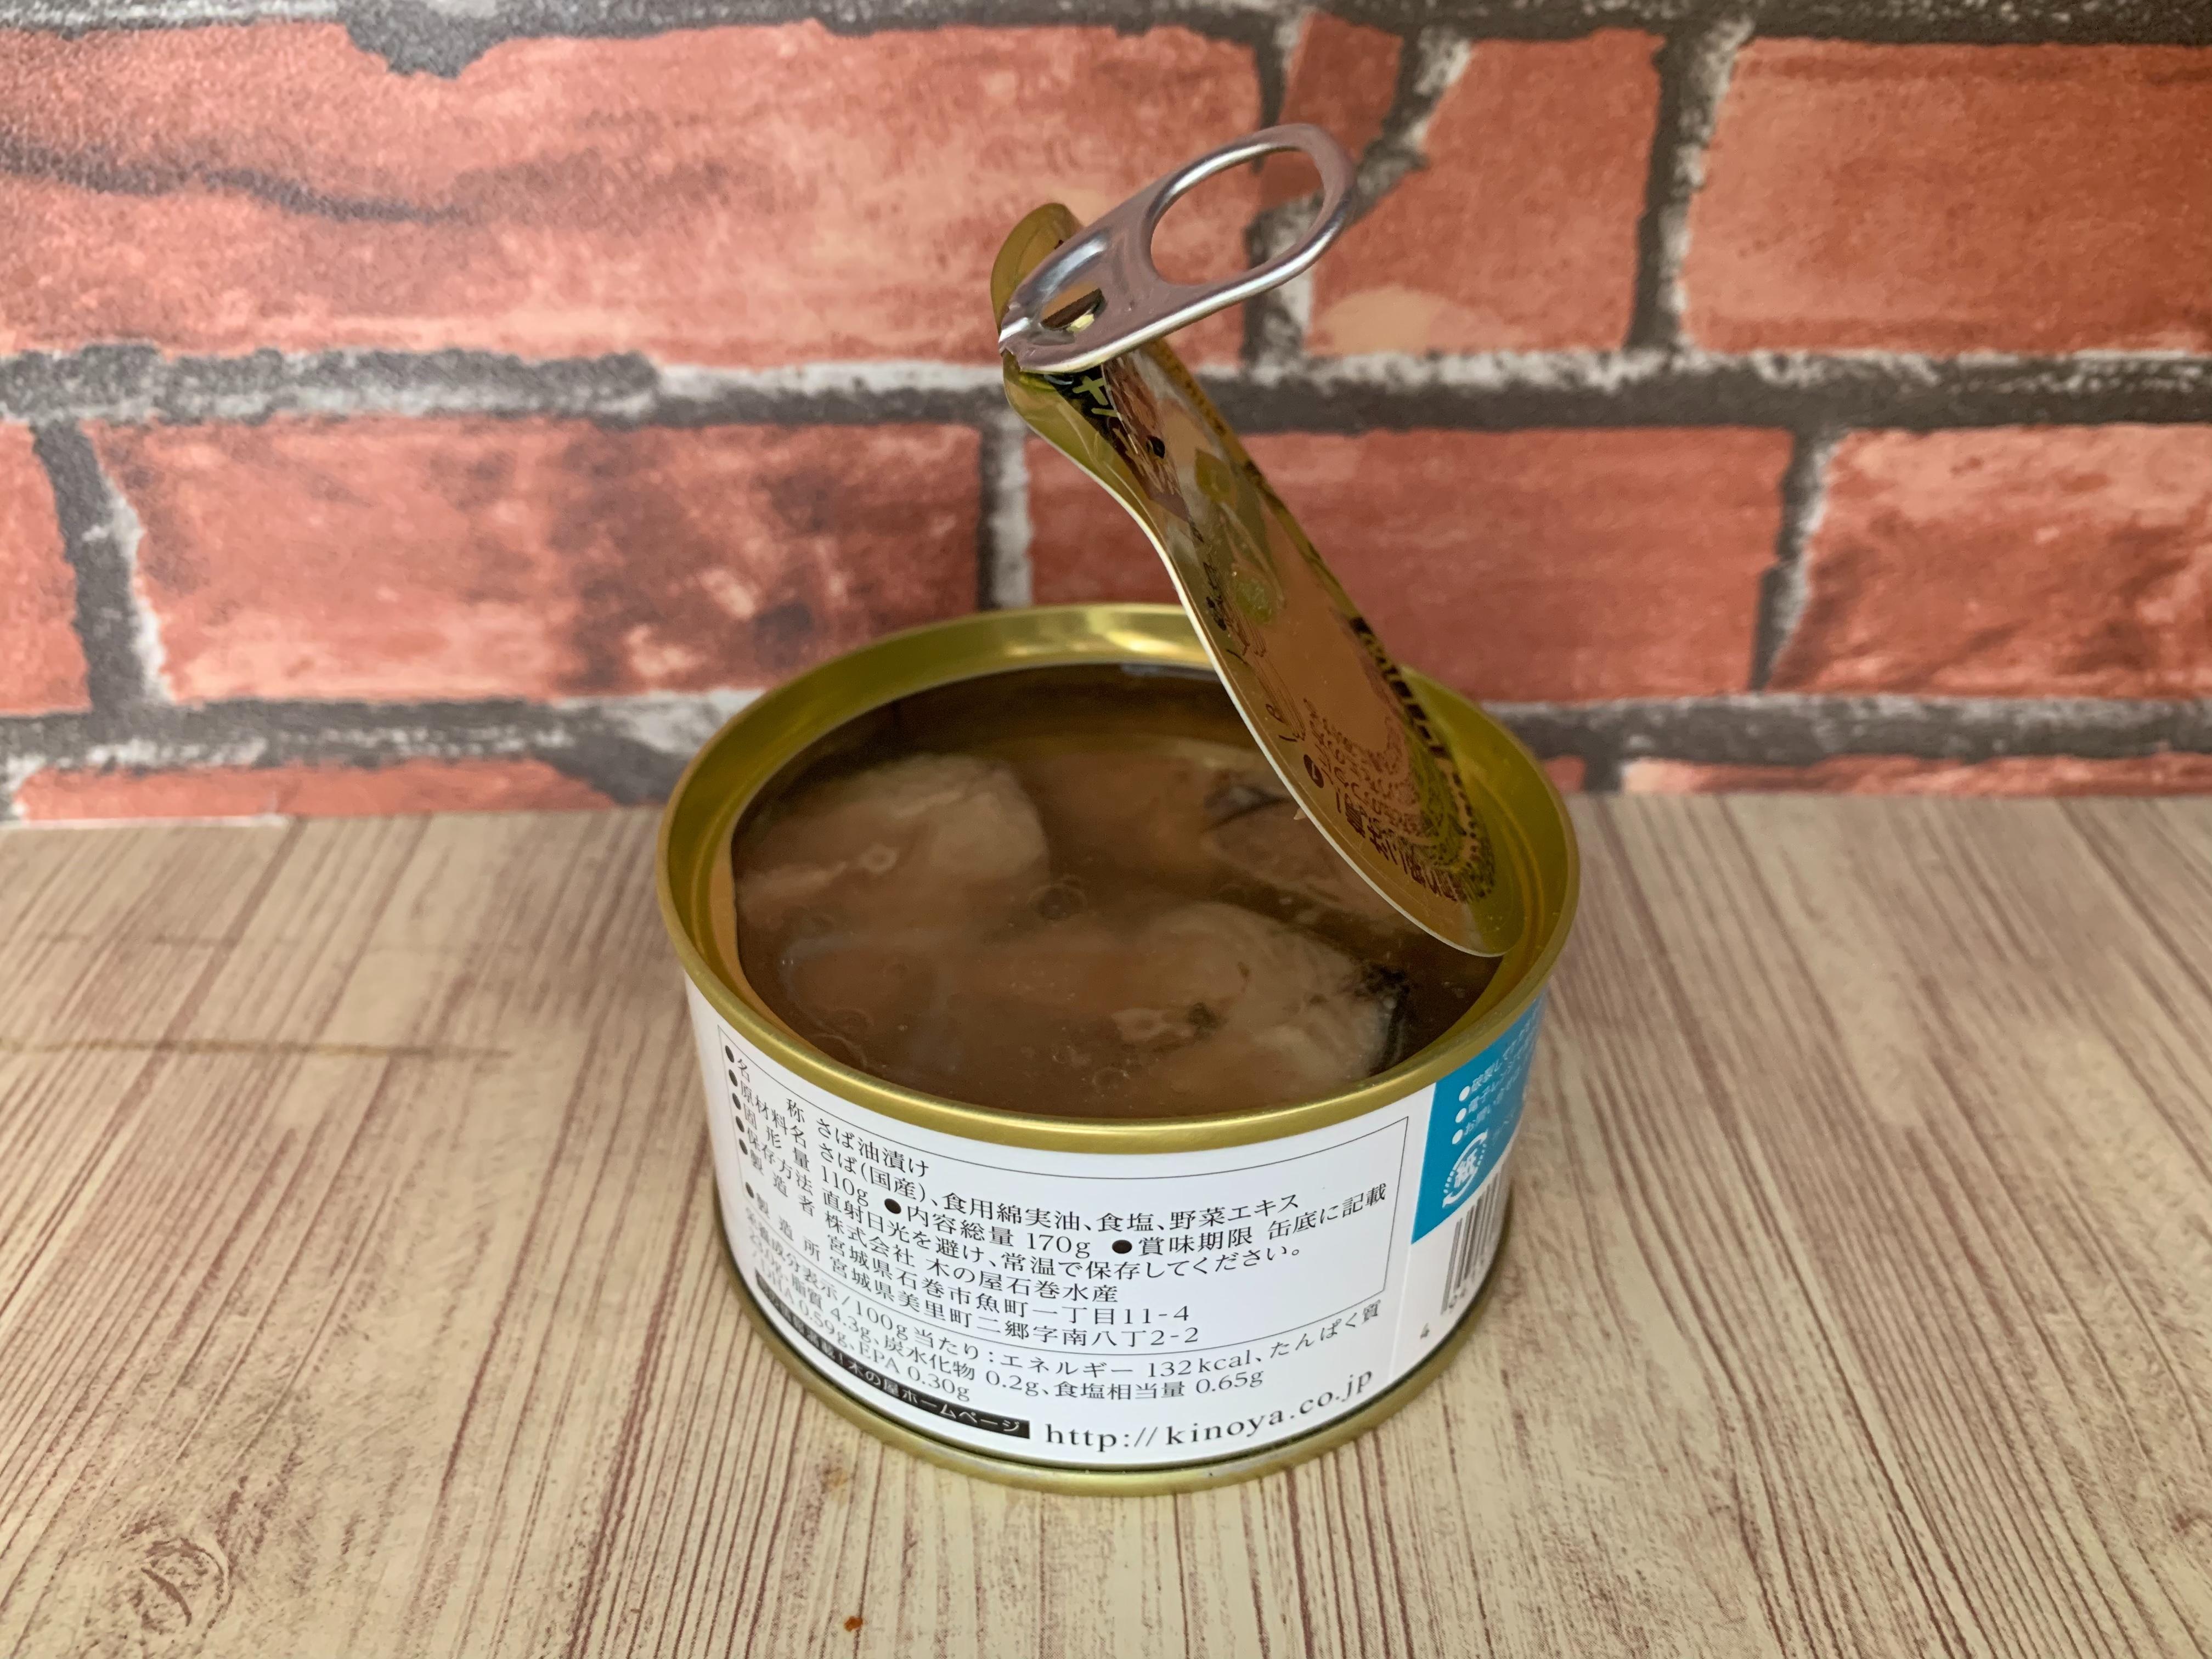 木の屋石巻水産の綿実油缶「サラダサバ さば油漬け」を食レポしてみた。【5つ星評価、味】